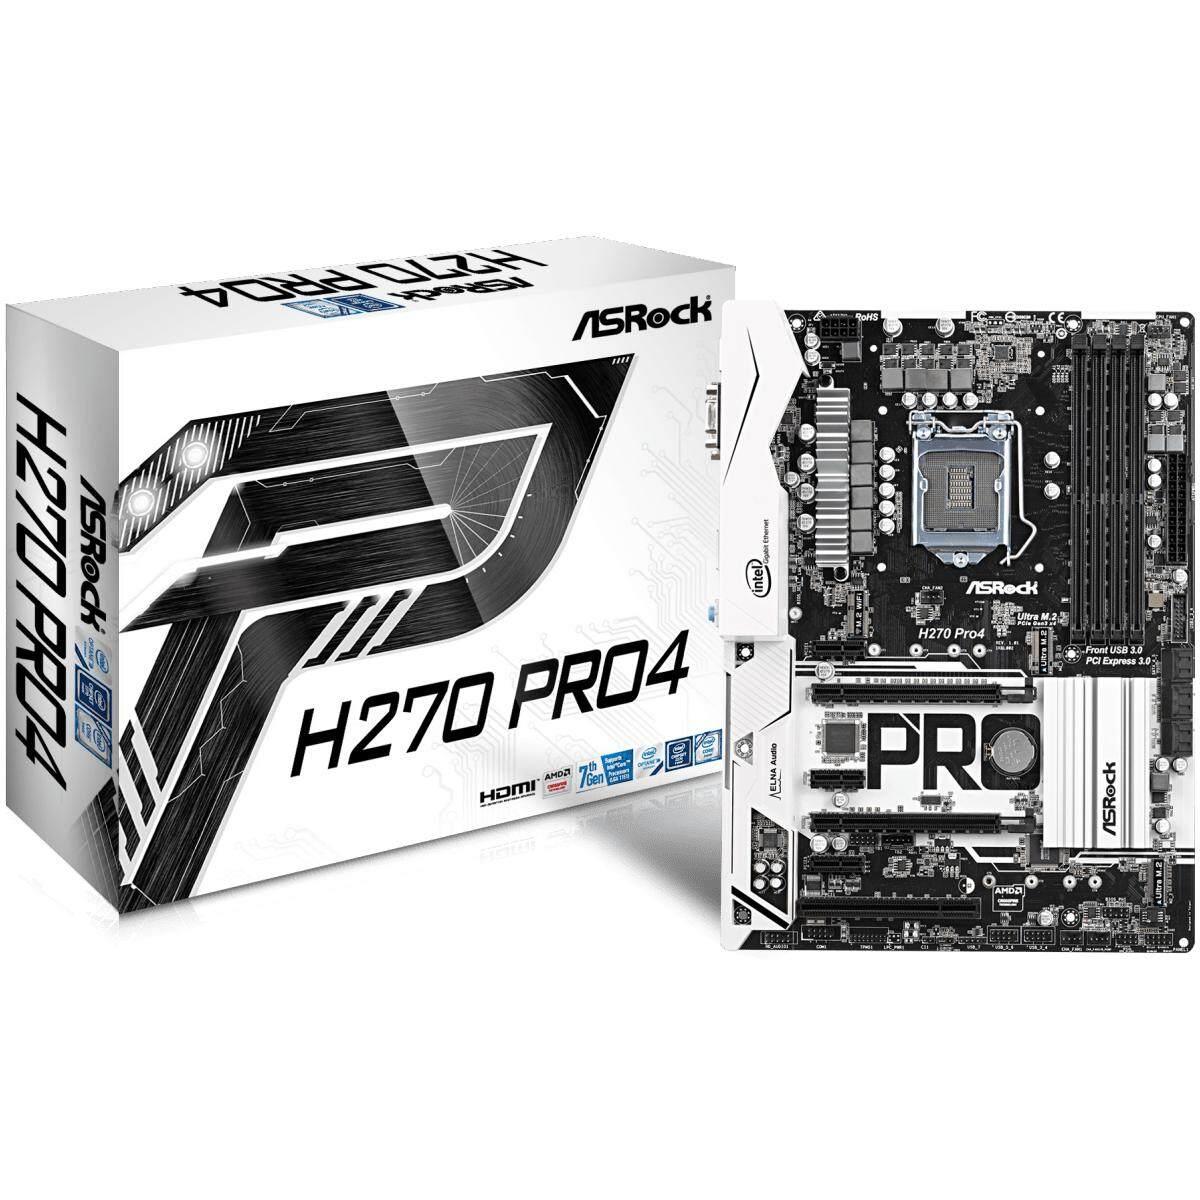 Amptron Motherboard H61c Socket Lga 11553 Update Harga Terkini Dan Venomrx Intel H61 Ddr3 1155 Terbaru Source Asrock H270 Pro4